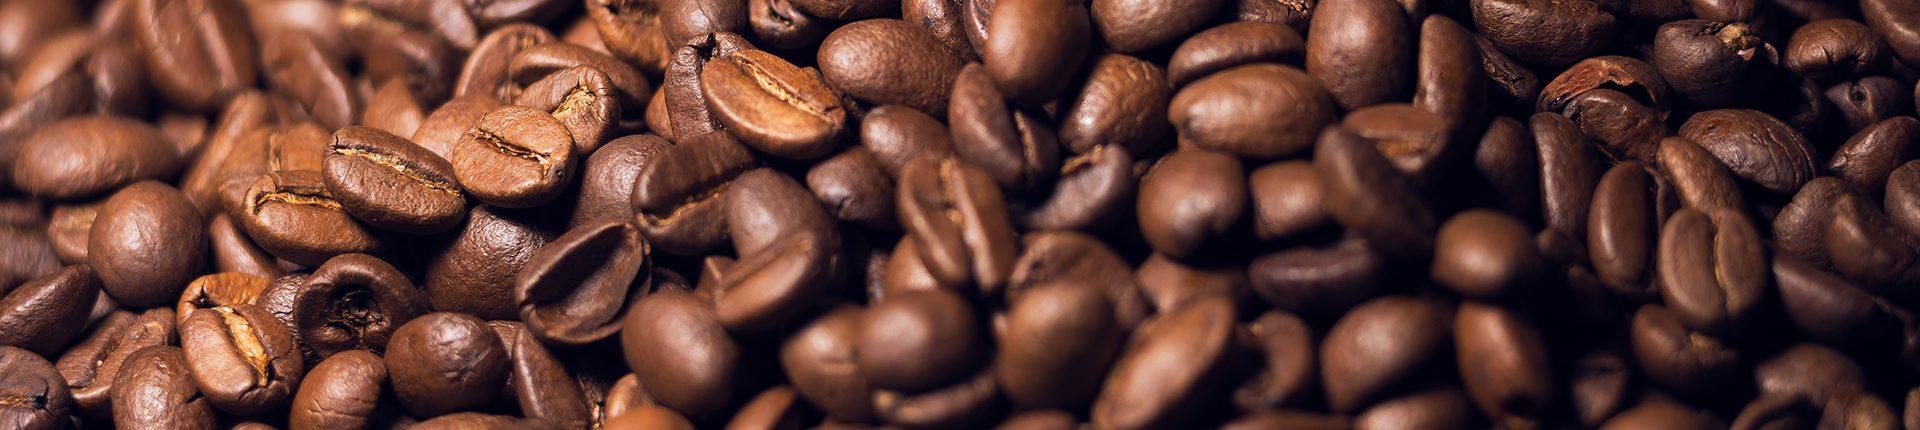 פולי קפה למכונת קפה ביתית